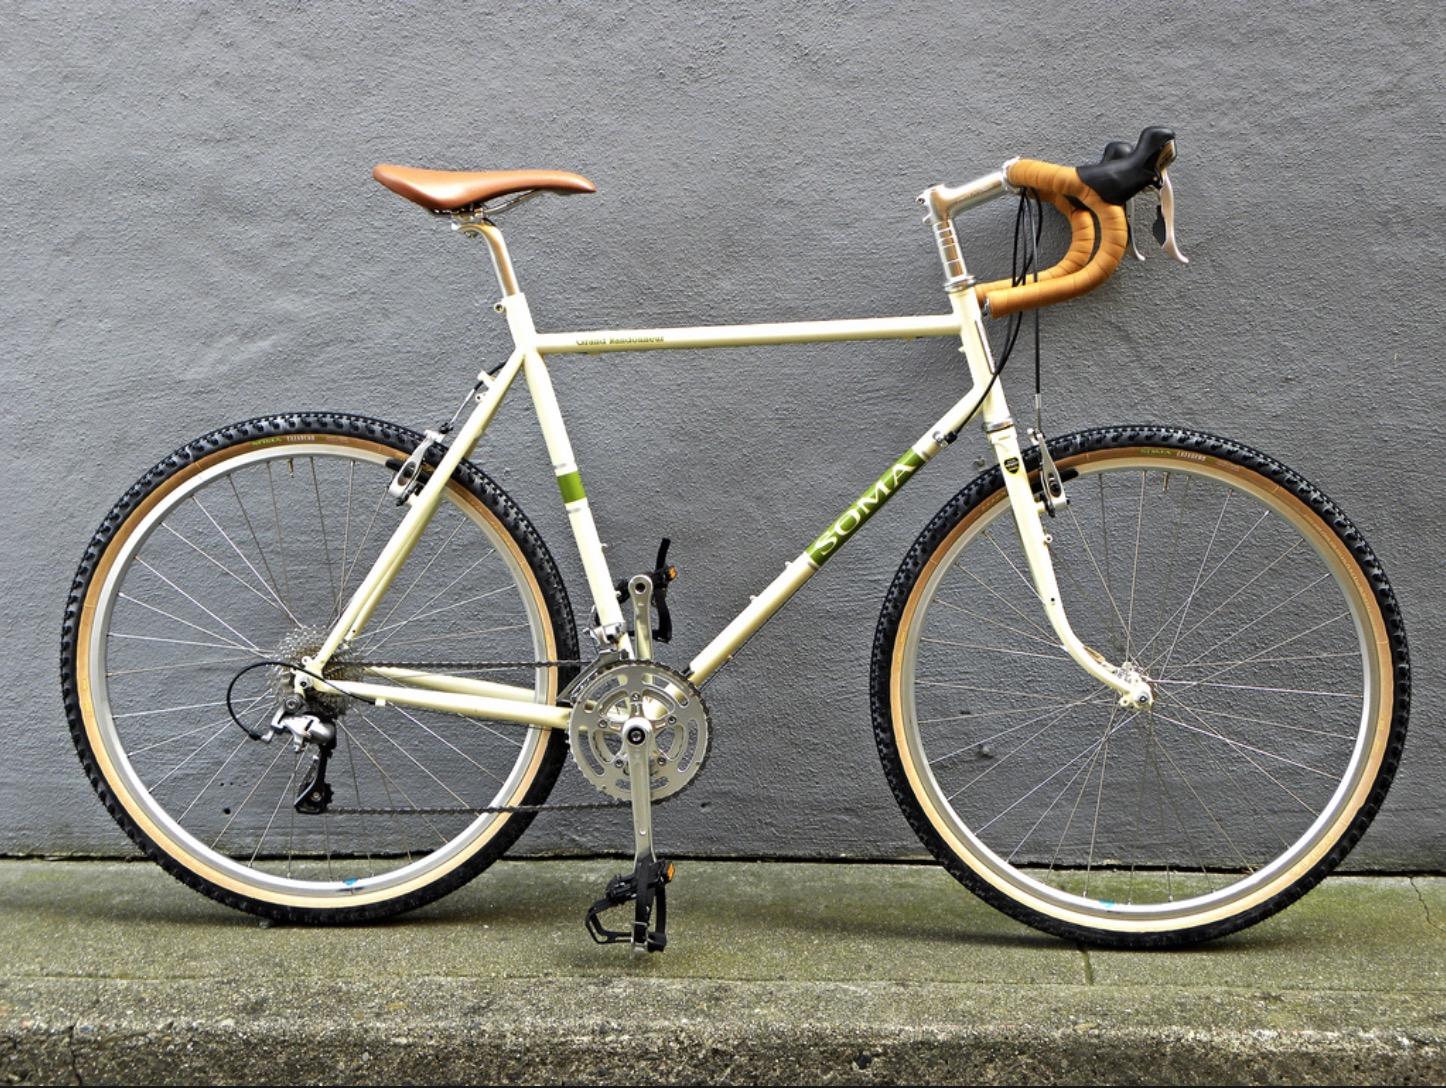 Soma Grand Randoneur  - A tour-ready city bike that's front rack ready.